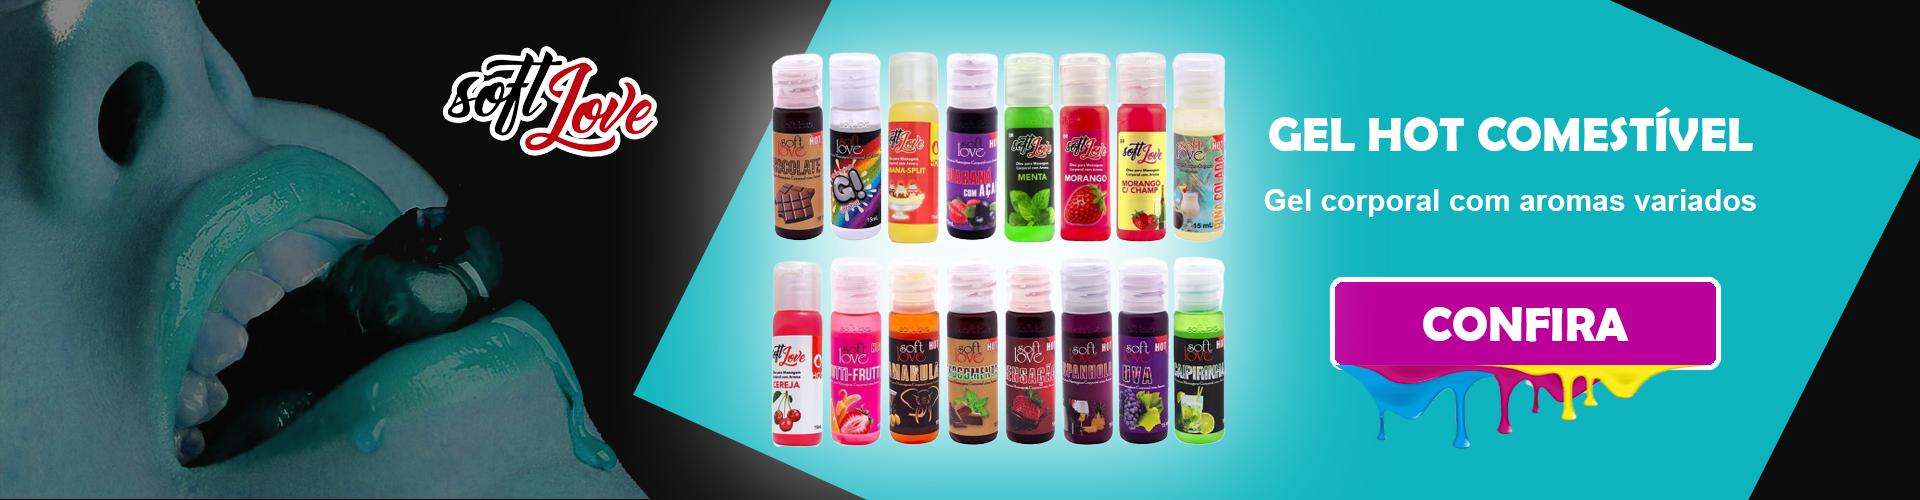 Produto Ciasex Gell Hot Comestivel